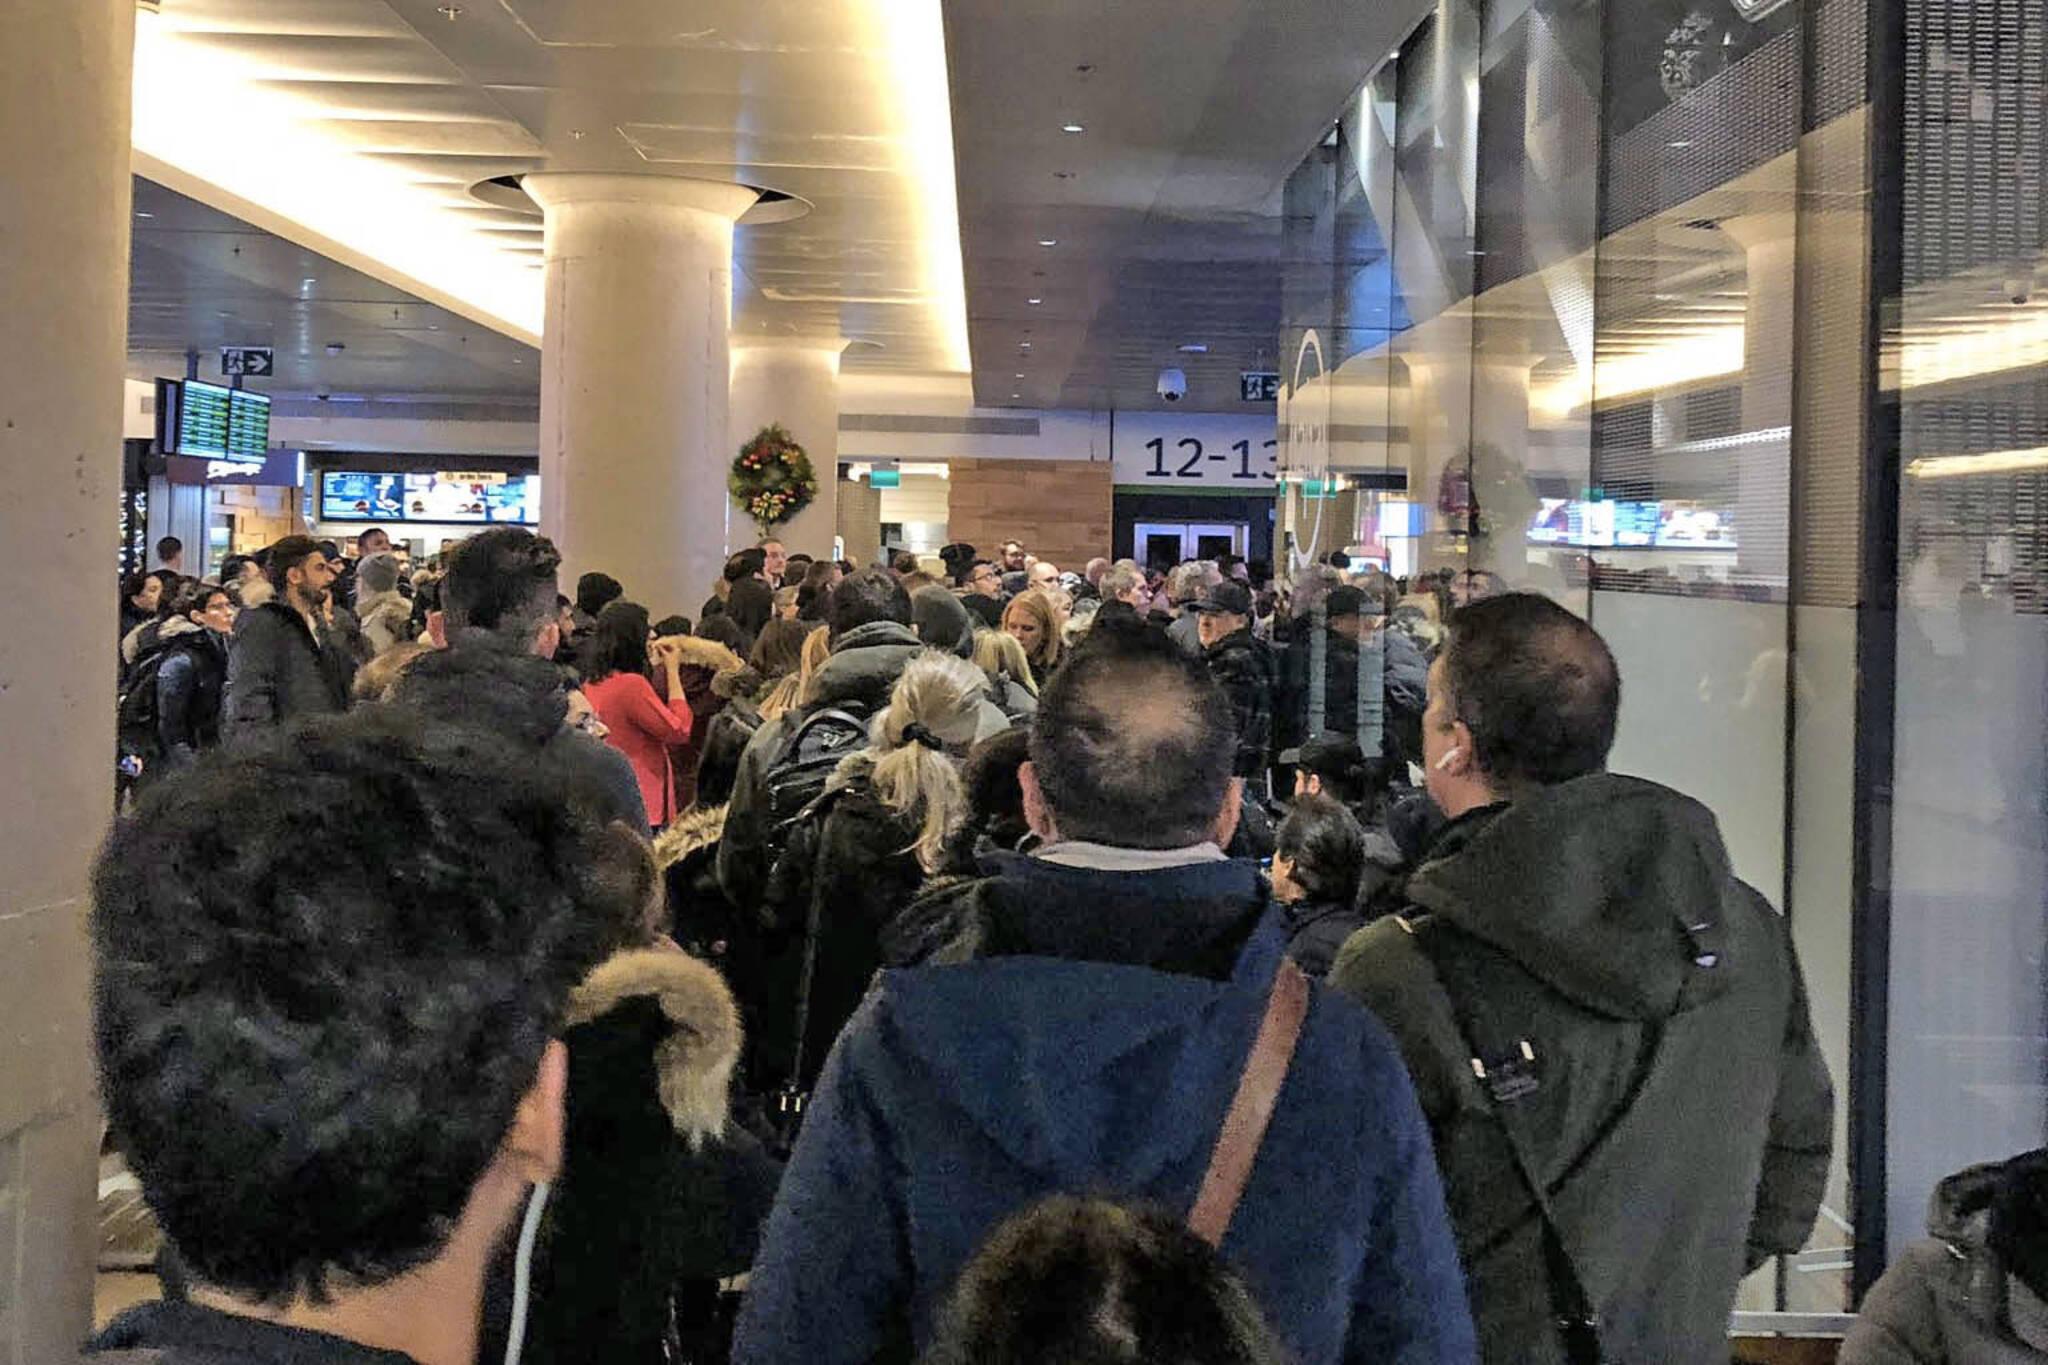 Go train overcrowding